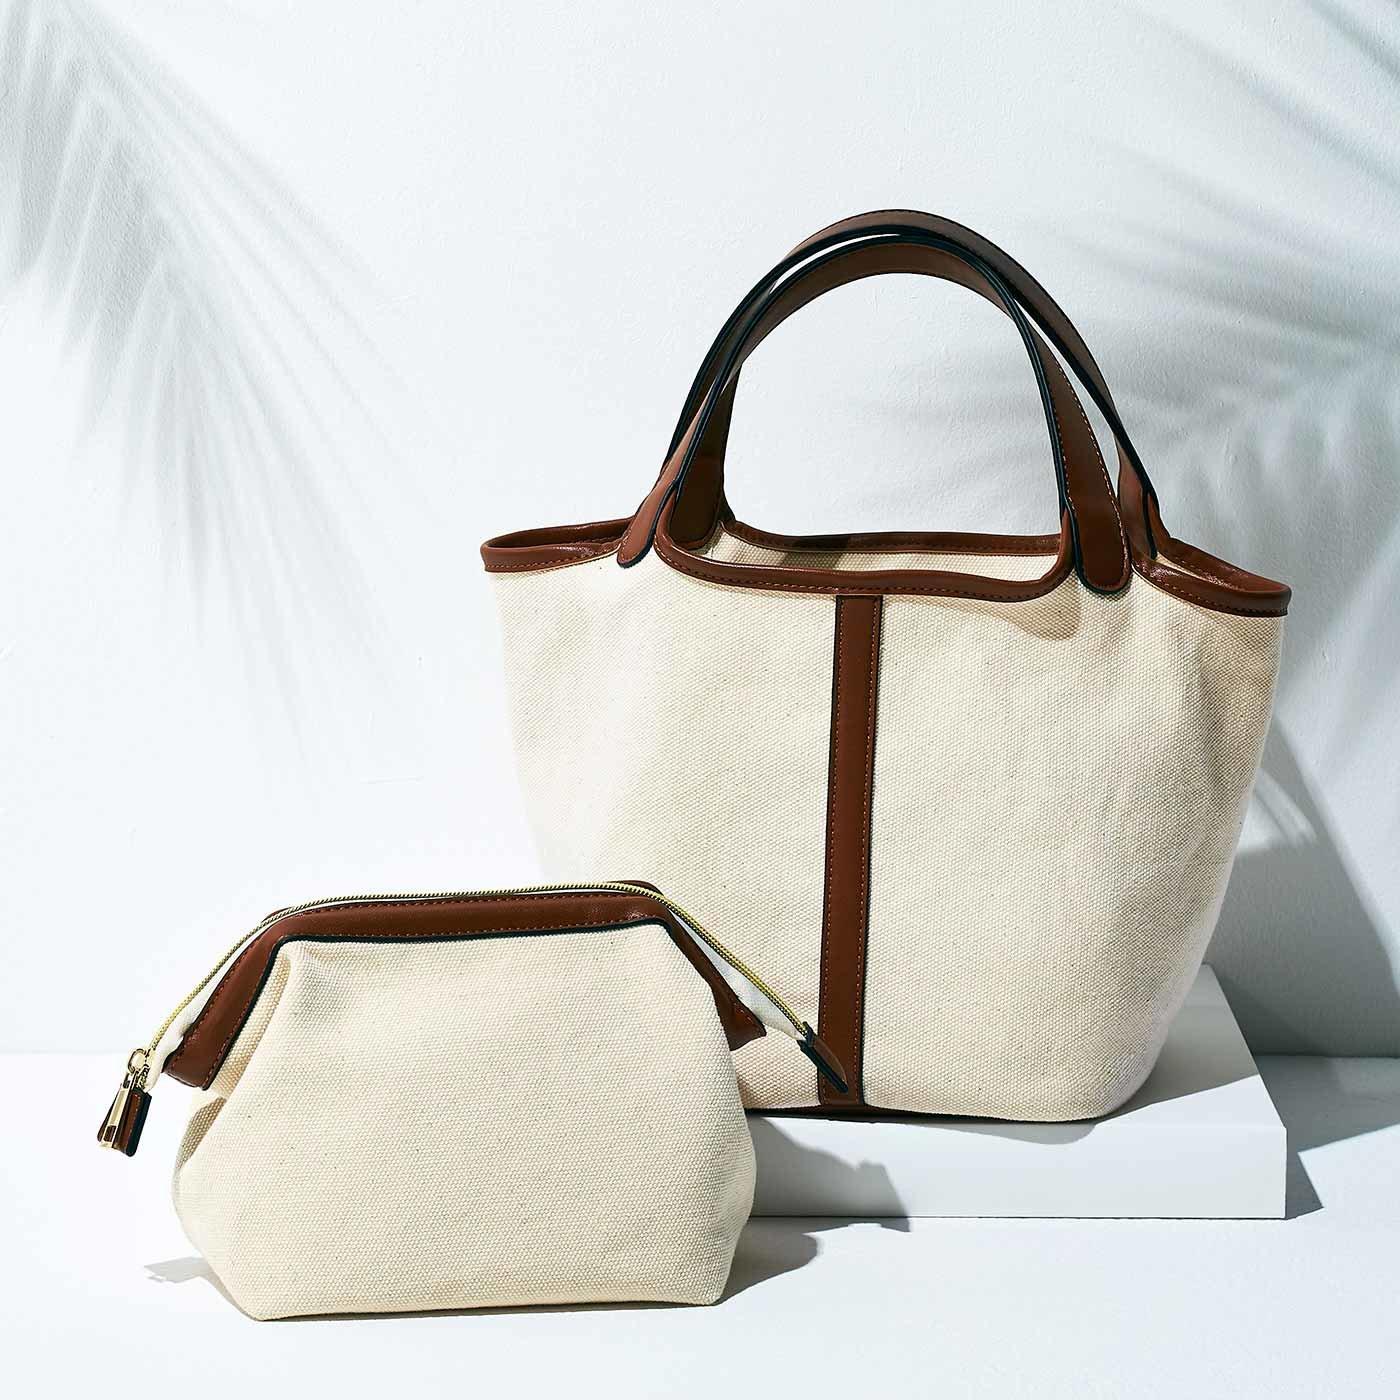 【3~10日でお届け】IEDIT[イディット] 帆布素材のバッグインバッグセット〈アイボリー〉